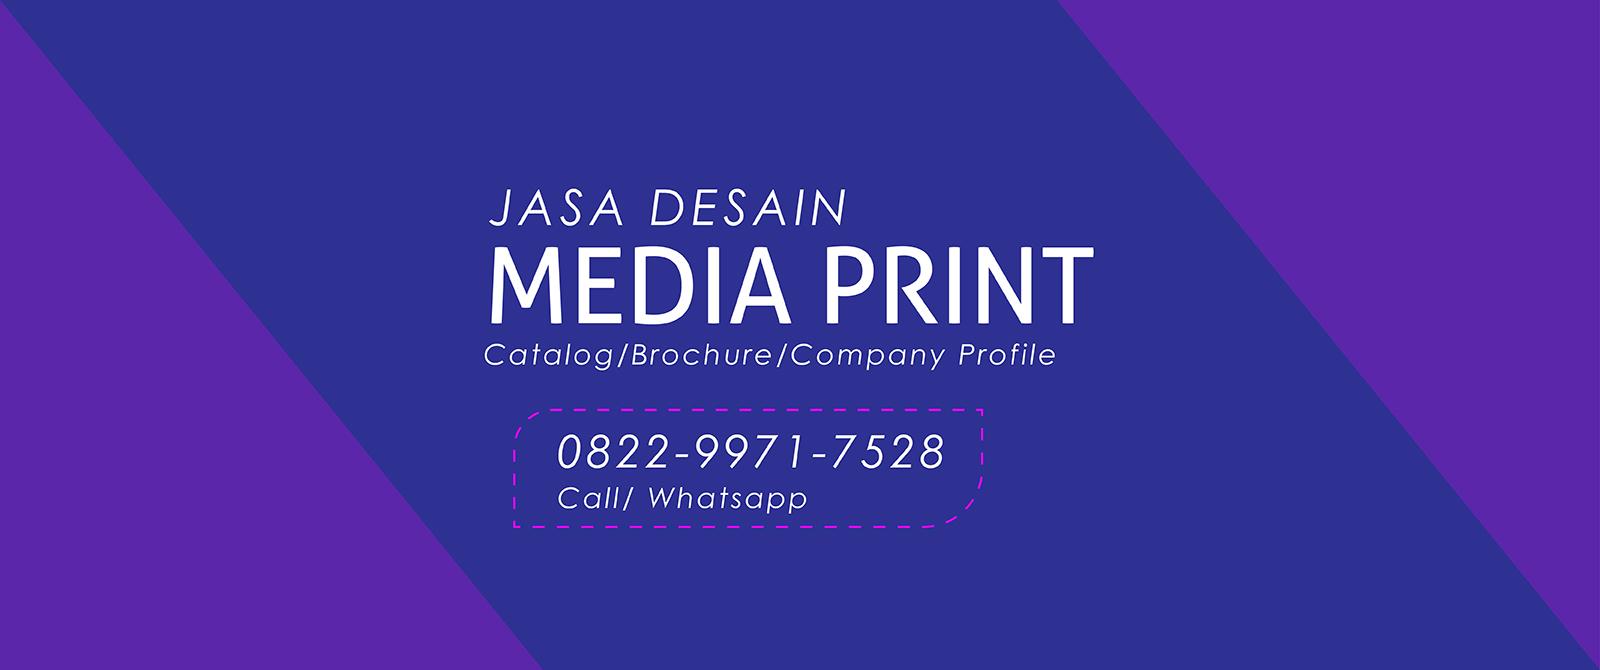 Jasa Desain Media Print